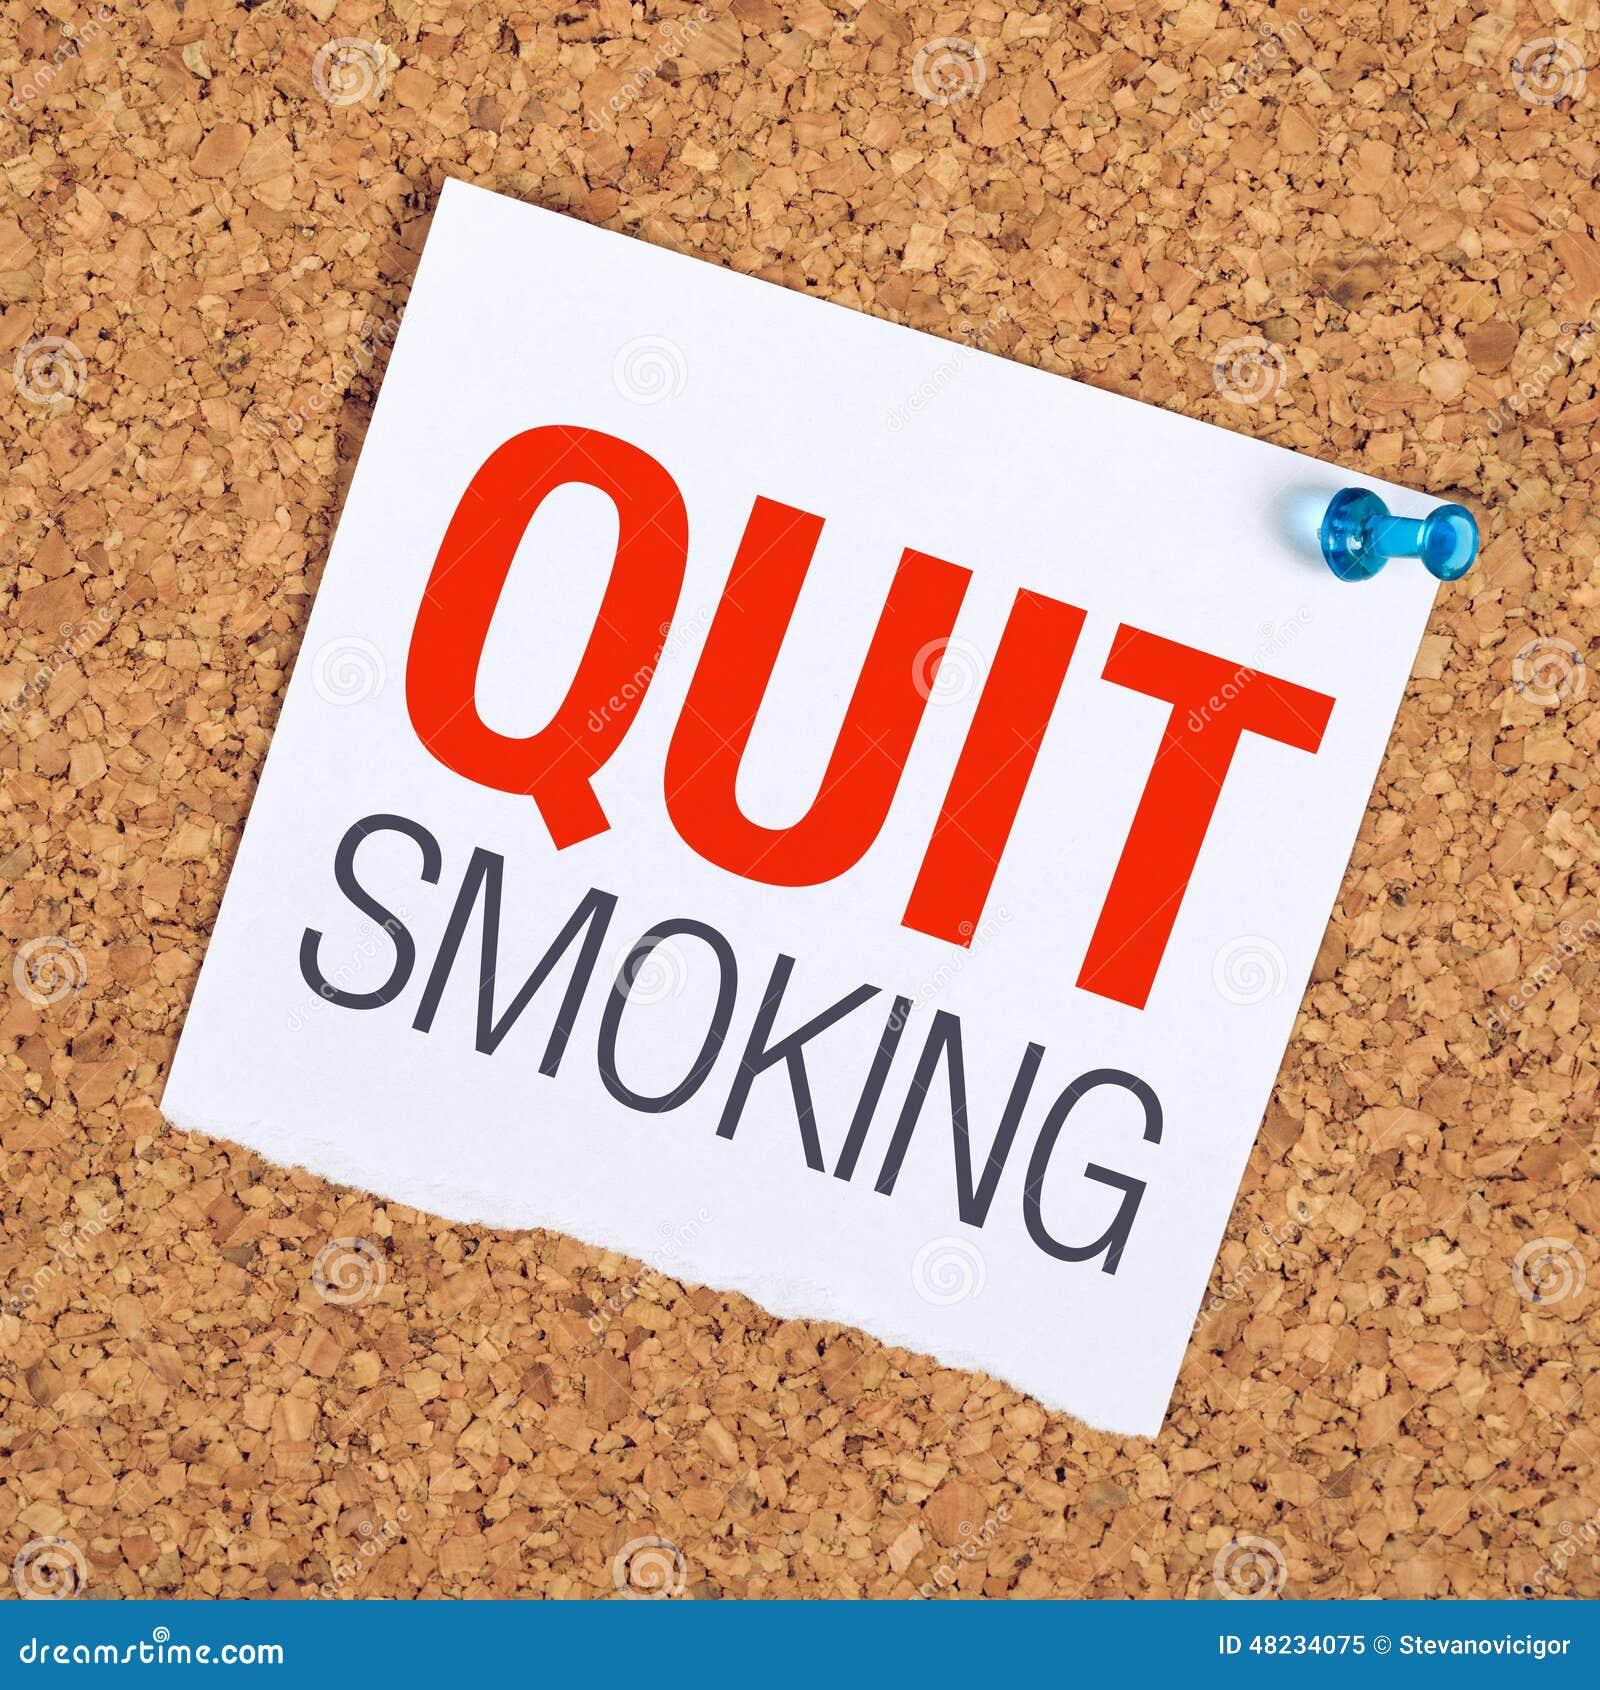 Free]download 7-day quit smoking challenge: ways to quit smoking in ….